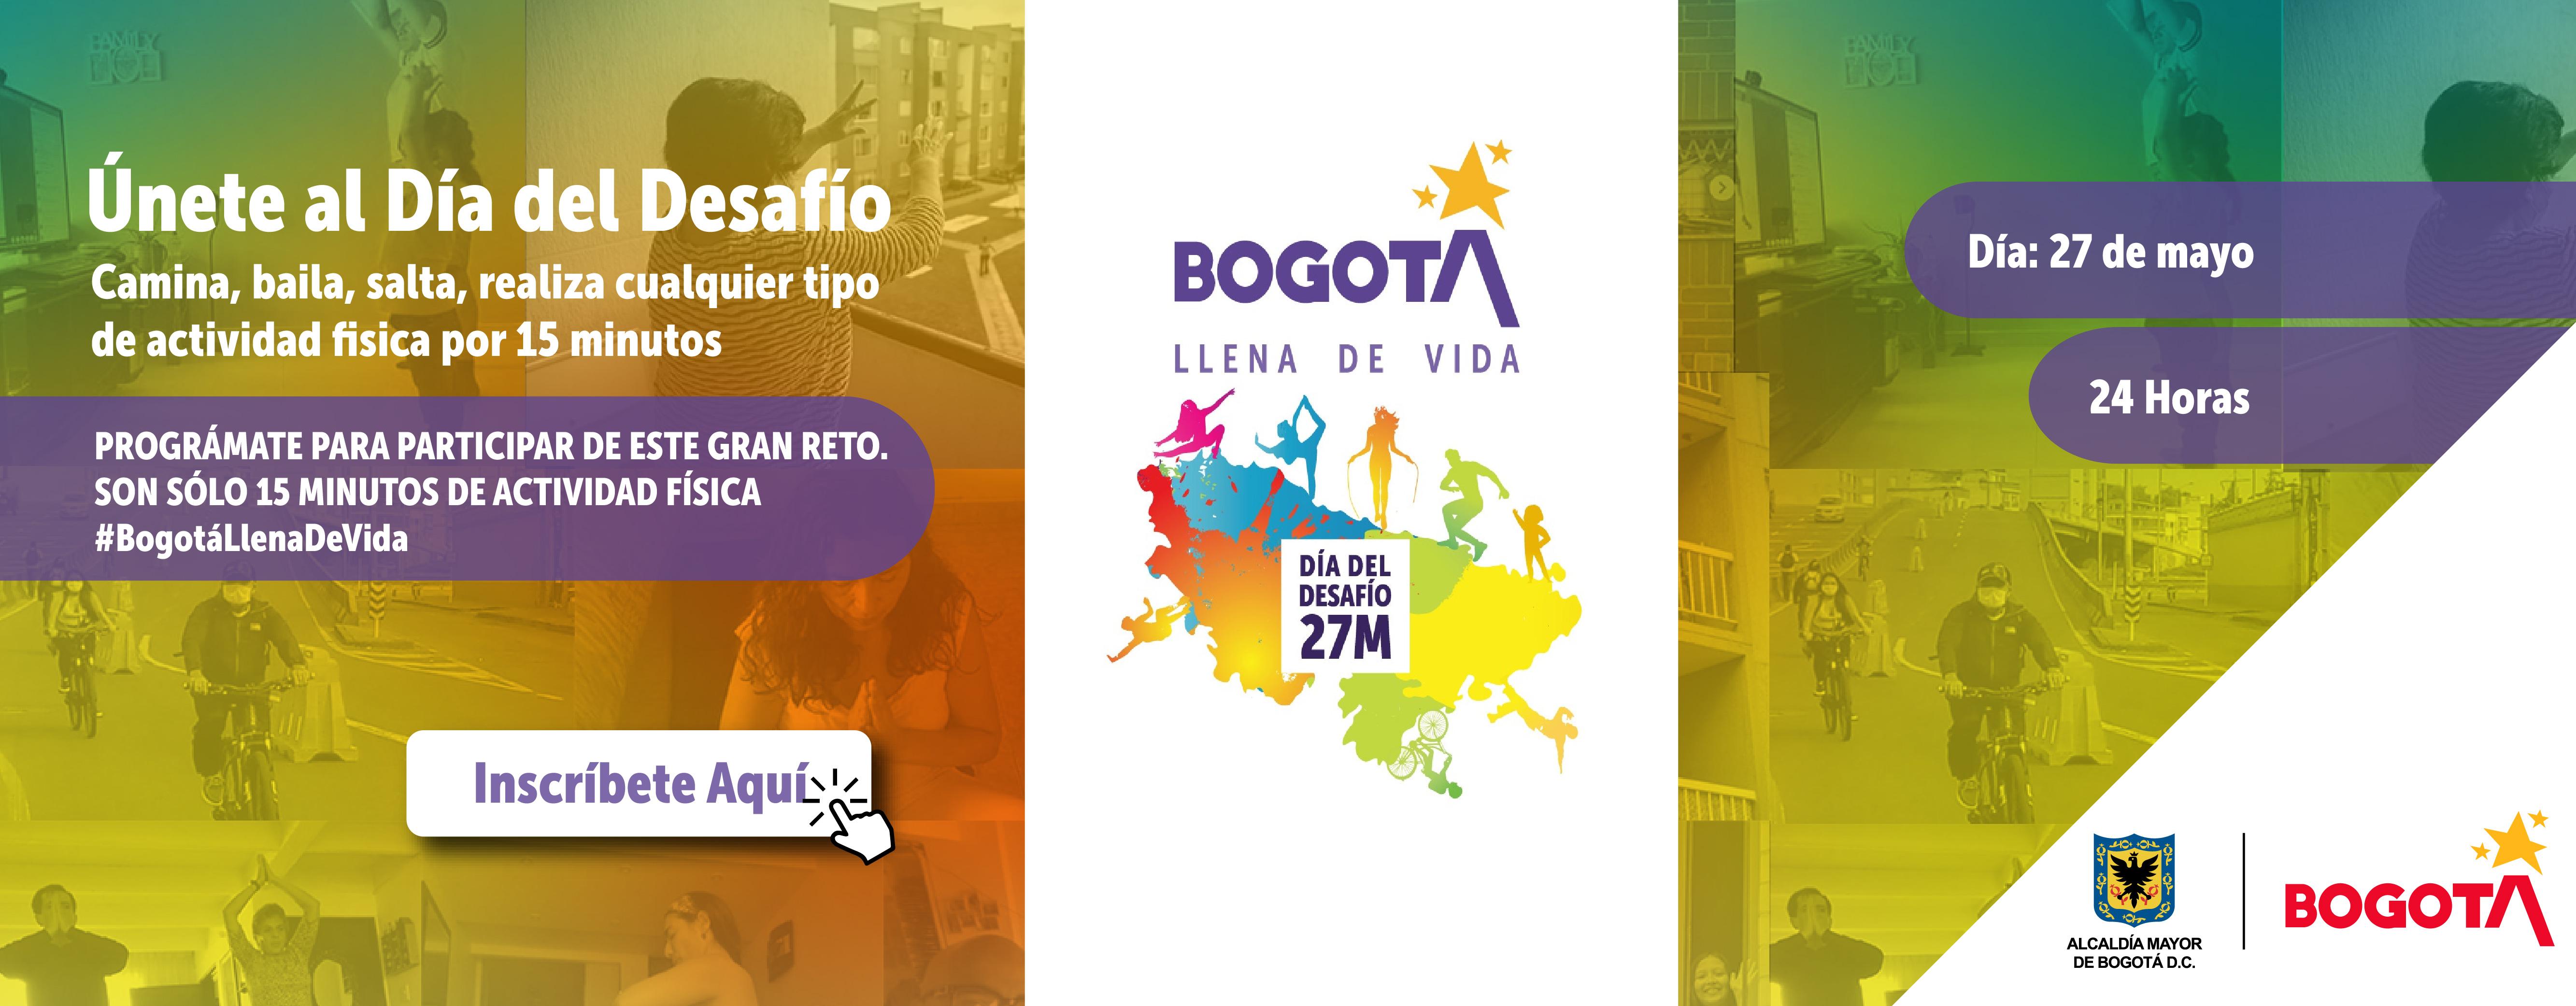 banner-bogota-llena-de-vida2